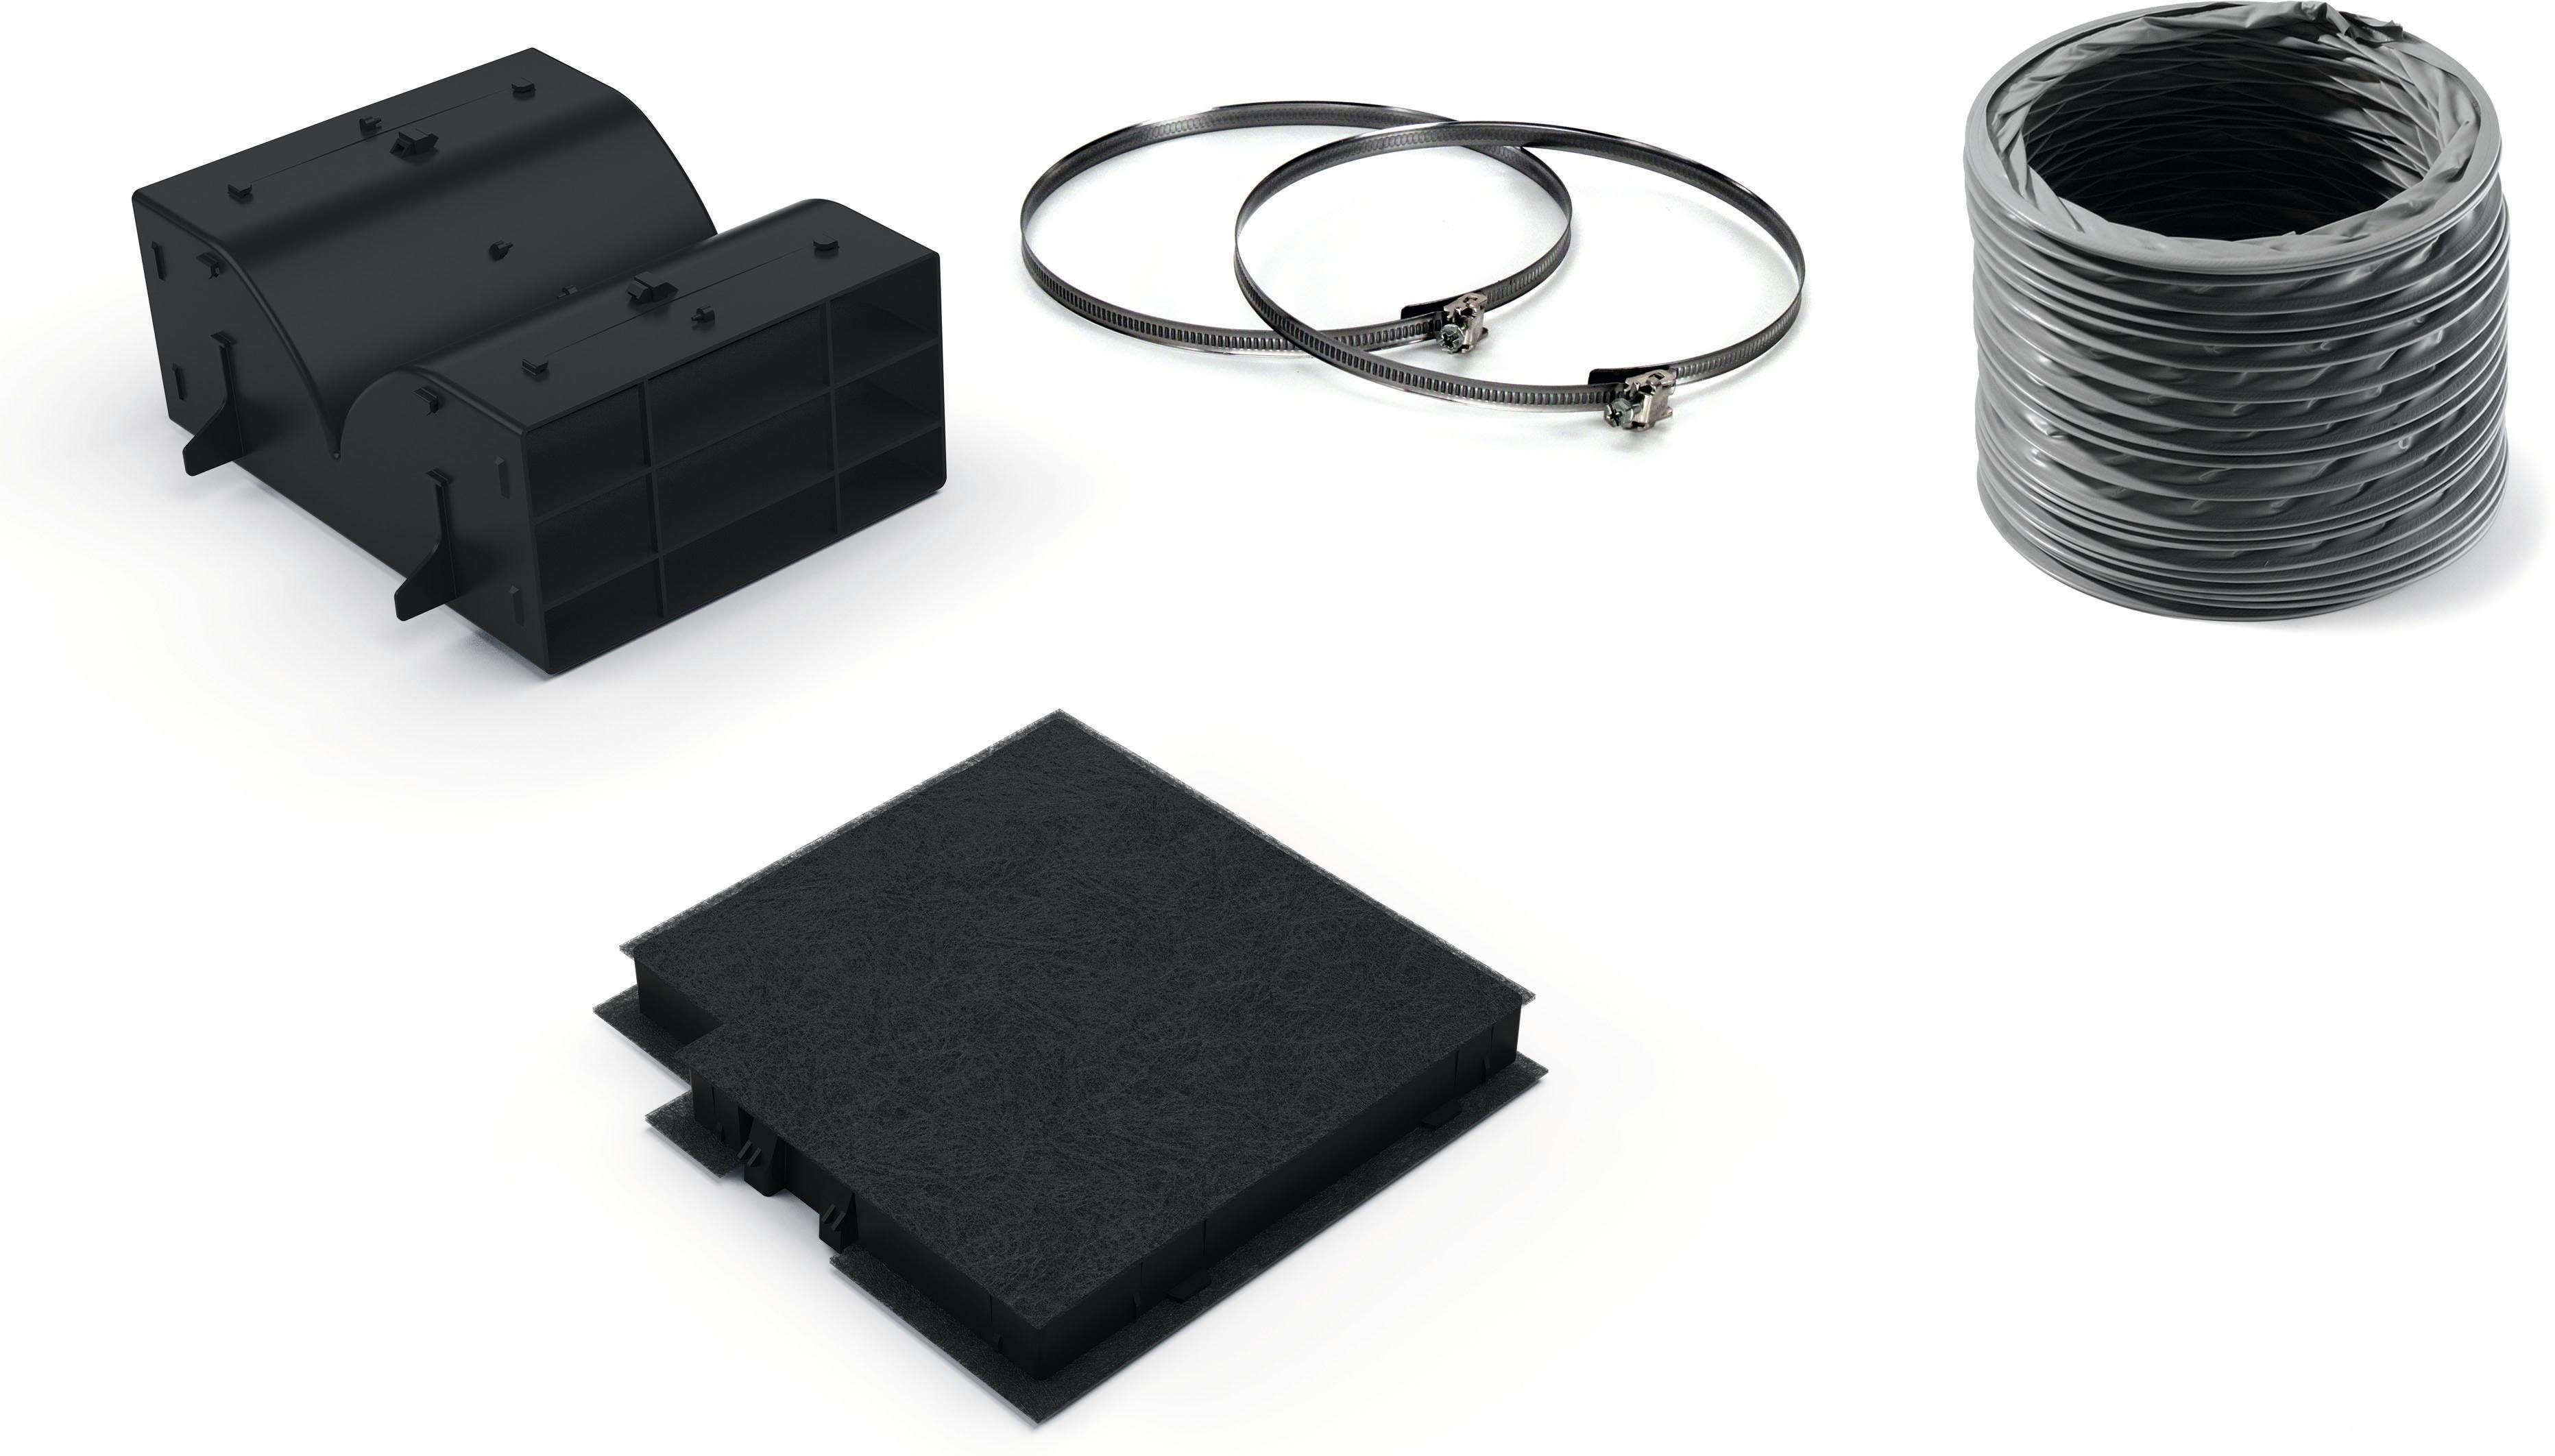 Neff umluftmodul z dxu zubehör für dunstabzugshauben mit